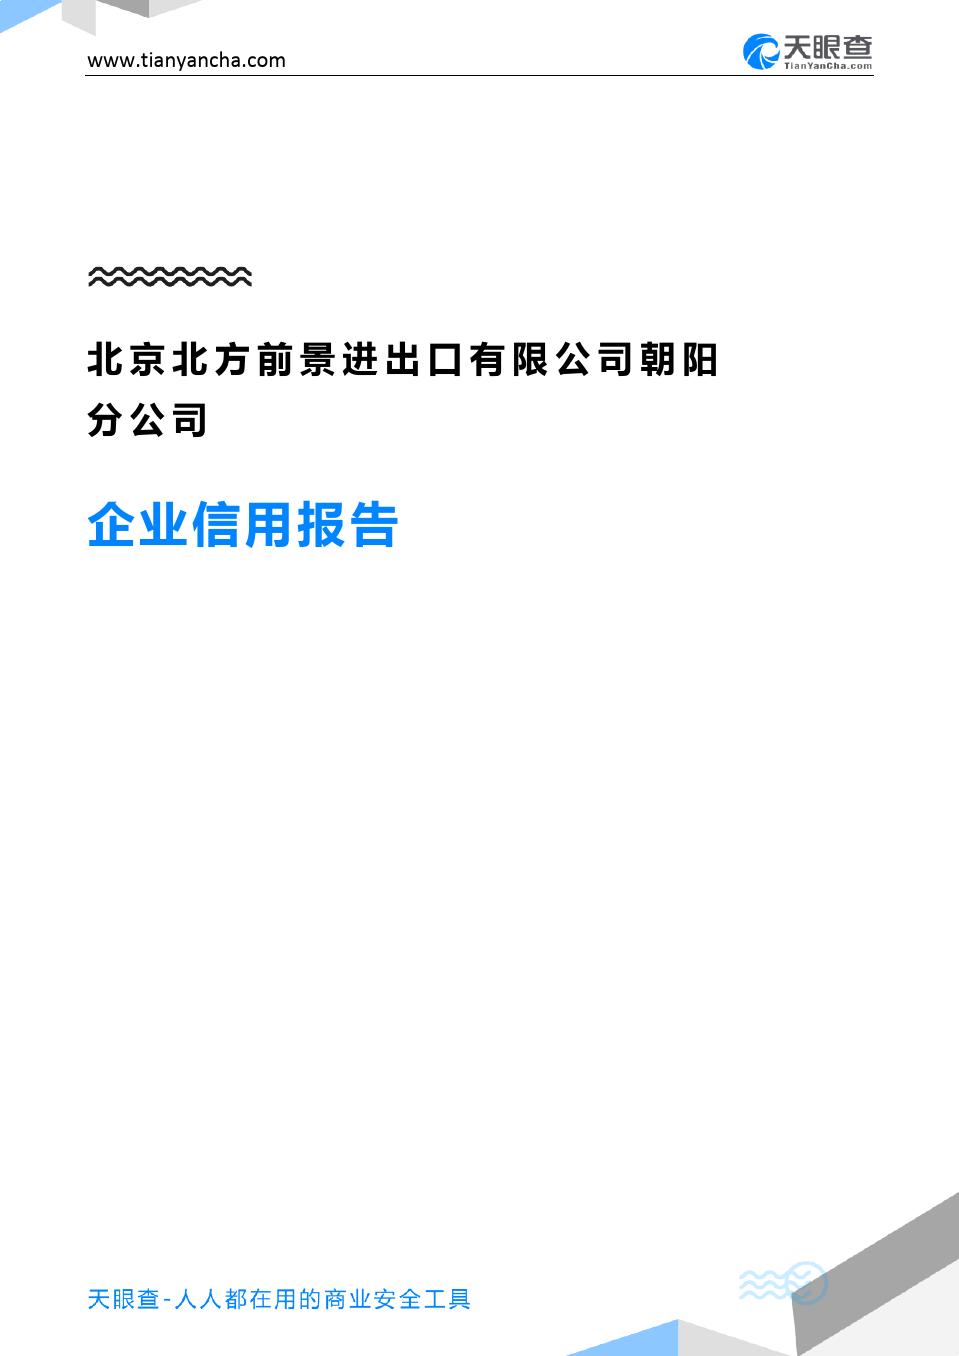 北京北方前景进出口有限公司朝阳分公司企业信用报告-天眼查